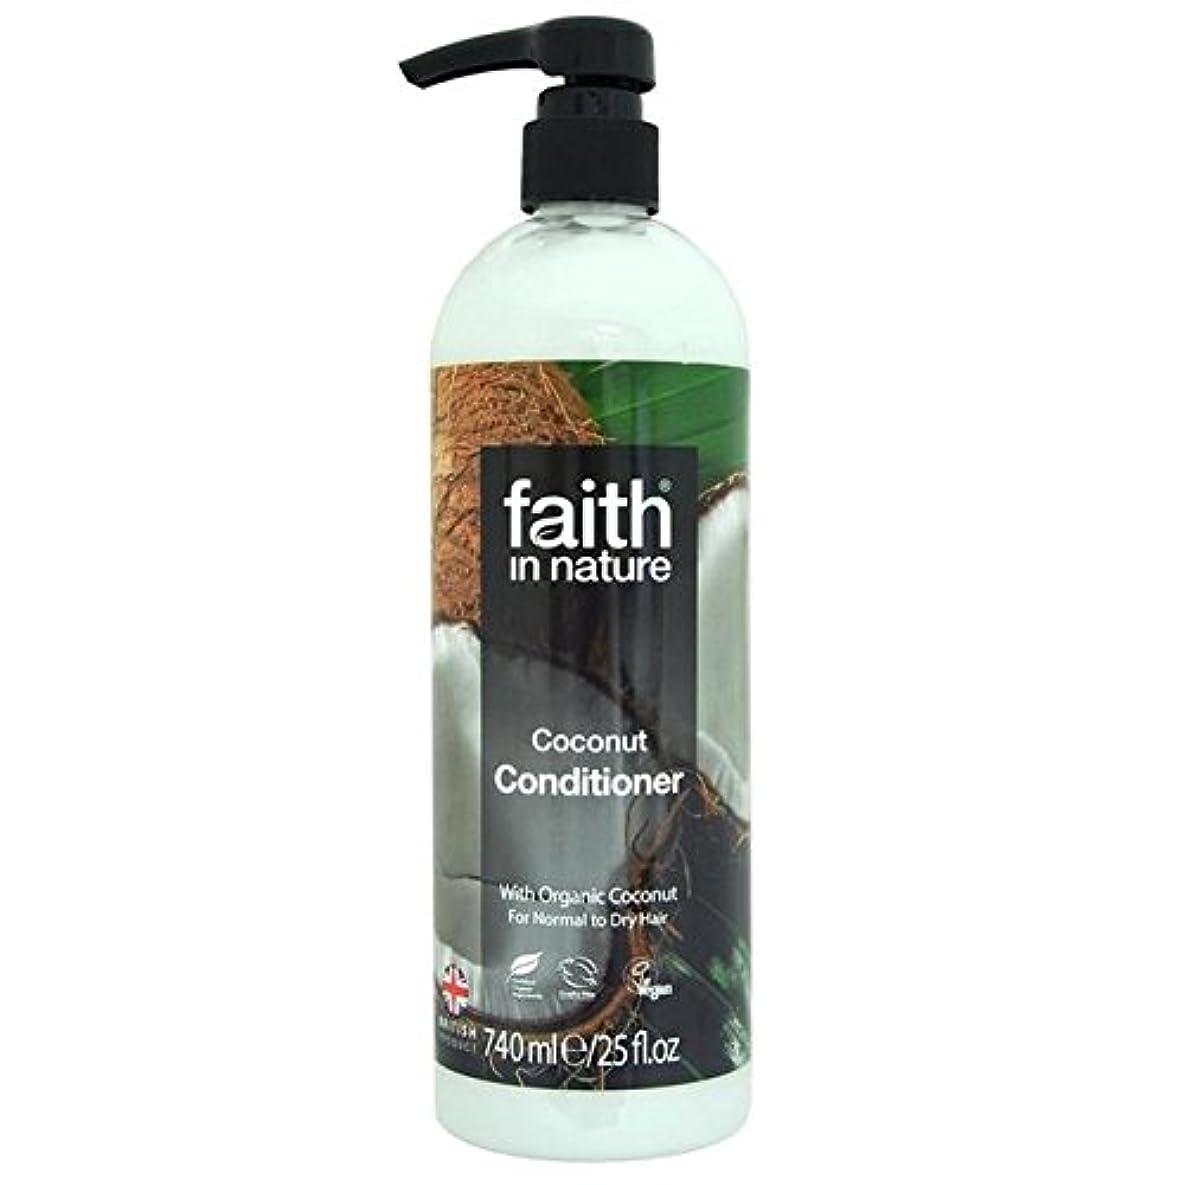 技術者ジャーナル立方体Faith in Nature Coconut Conditioner 740ml (Pack of 6) - (Faith In Nature) 自然ココナッツコンディショナー740ミリリットルの信仰 (x6) [並行輸入品]